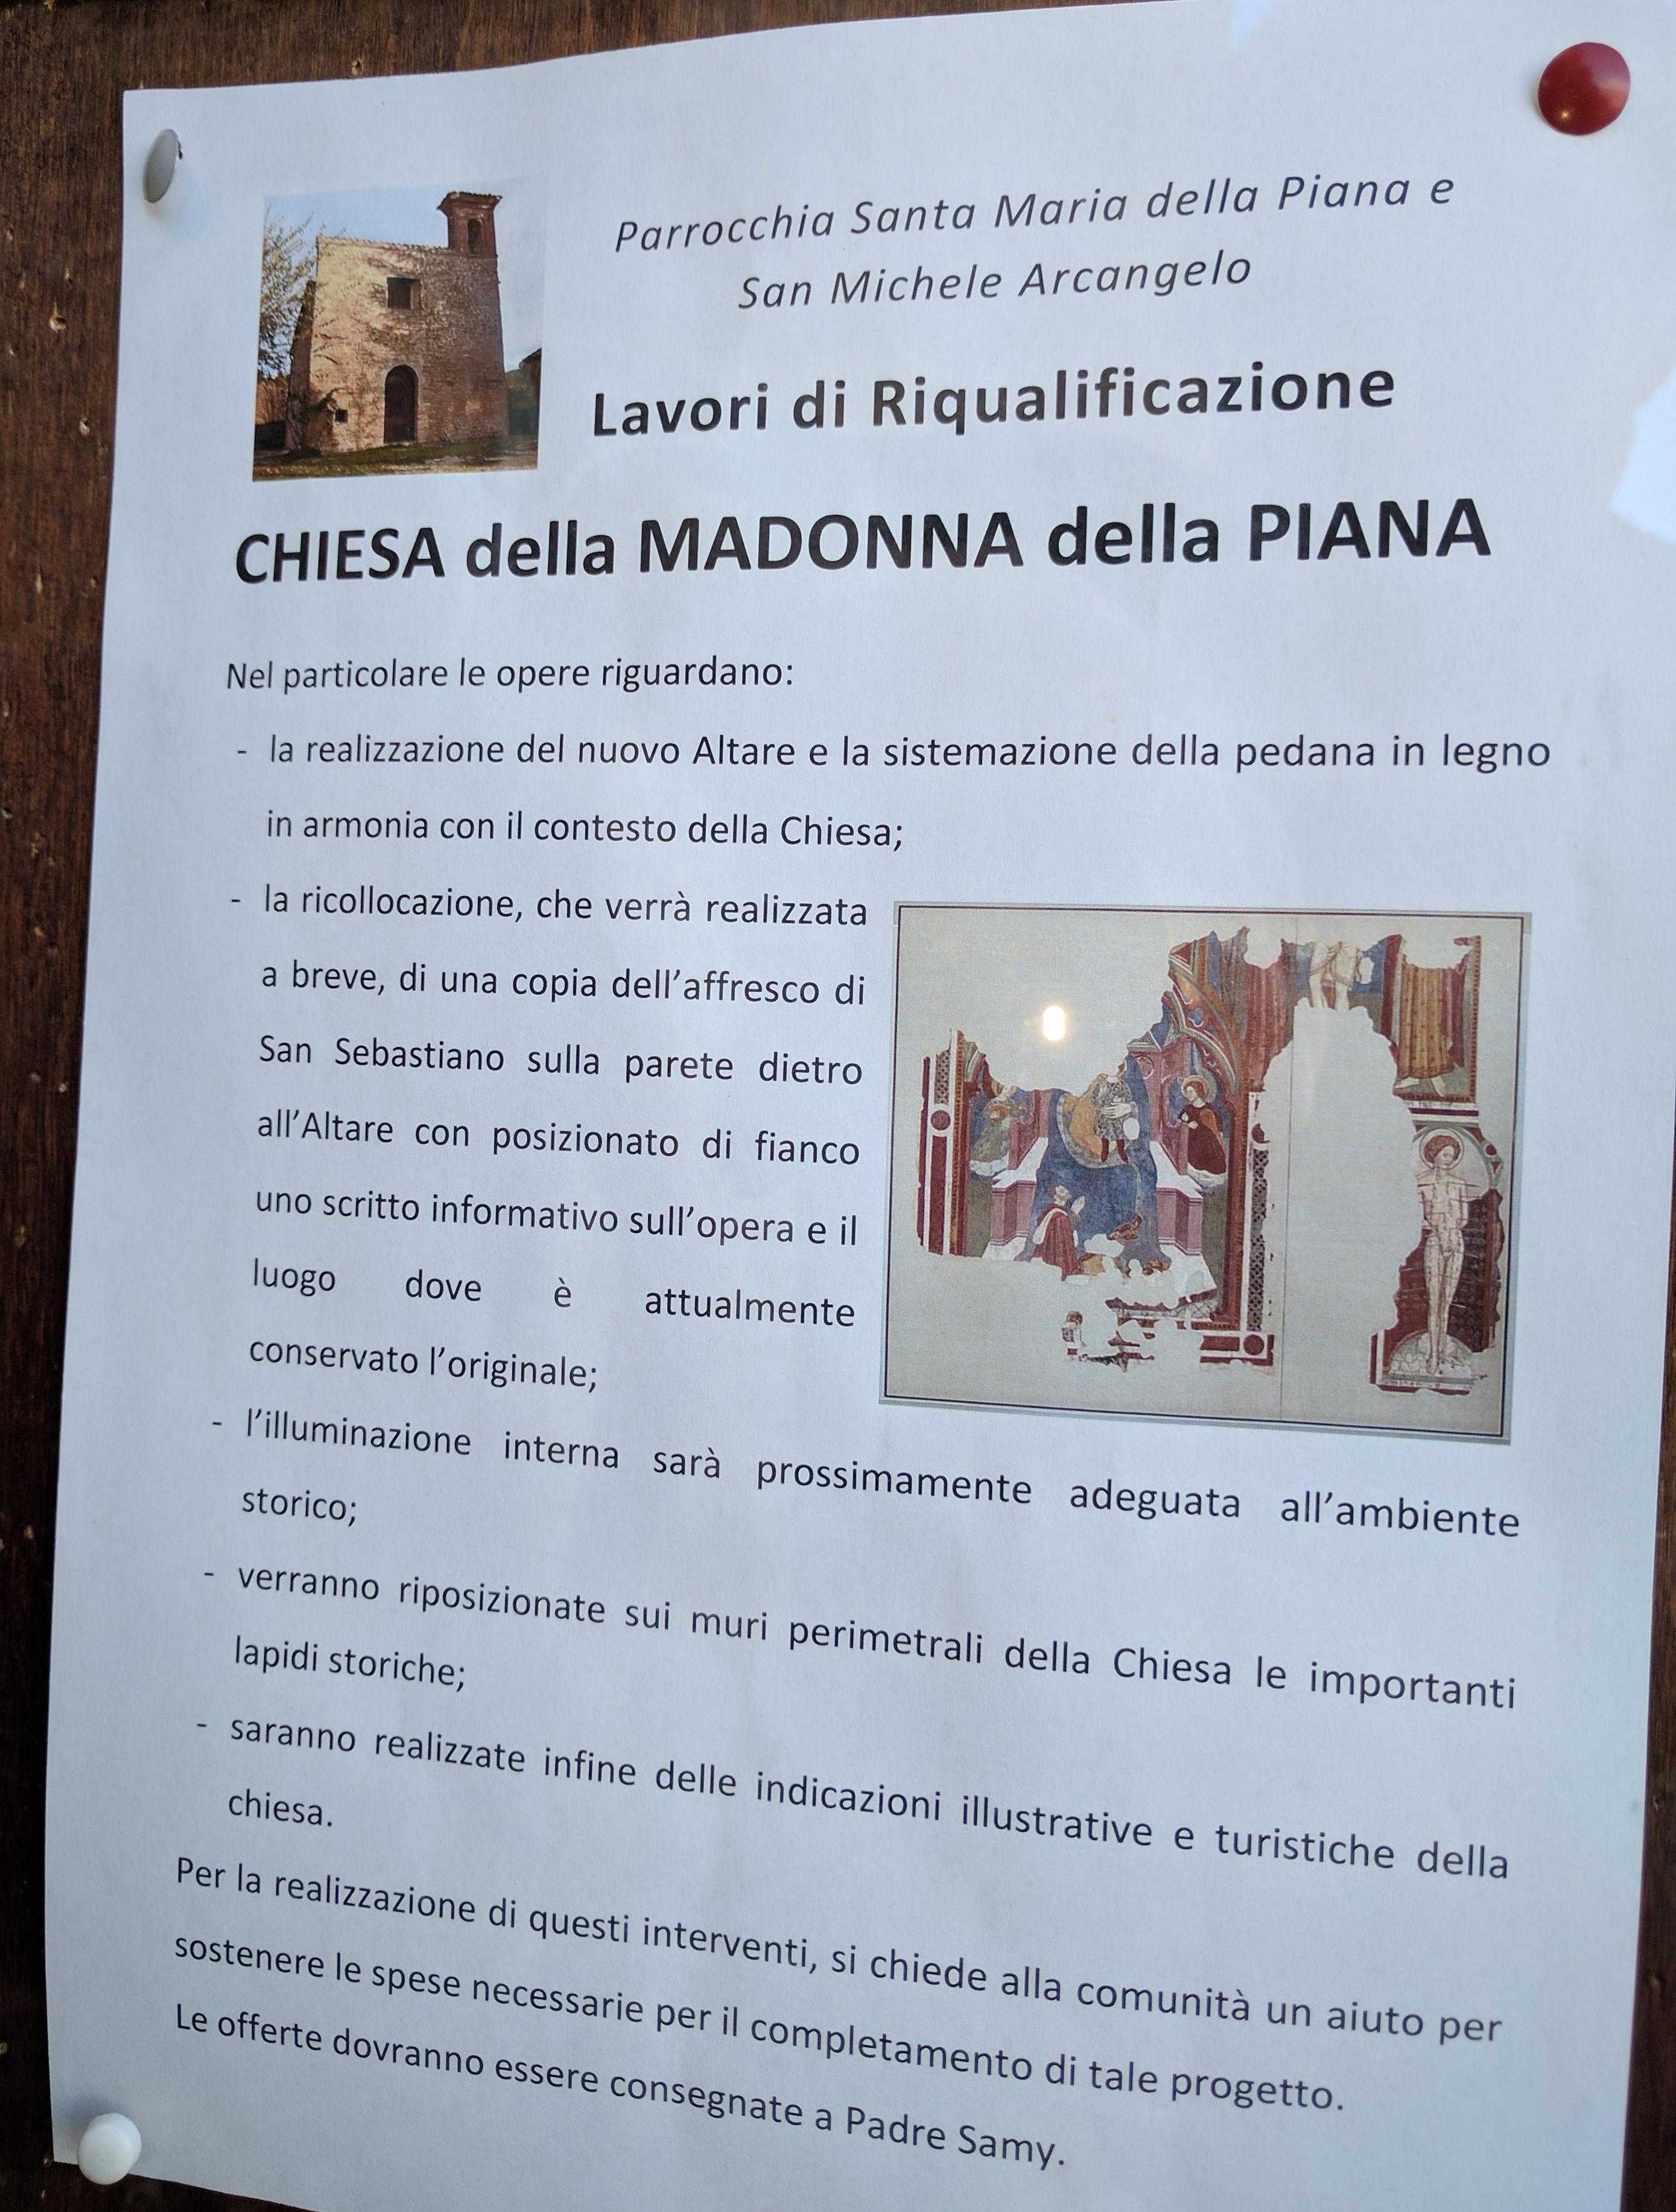 Madonna della Piana Riqualificazione1